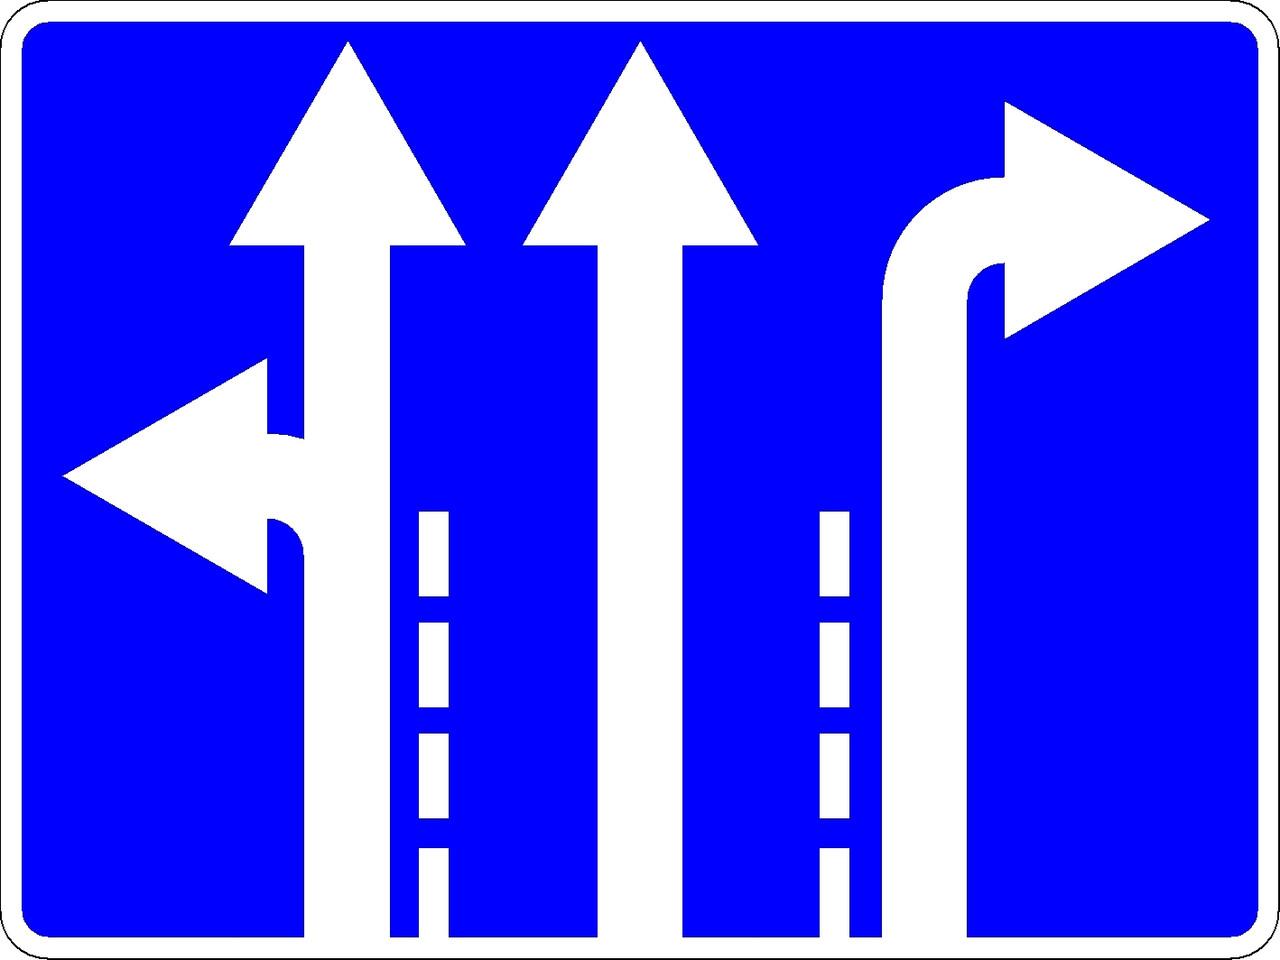 Знак 5.8.1 Направления движения по полосам